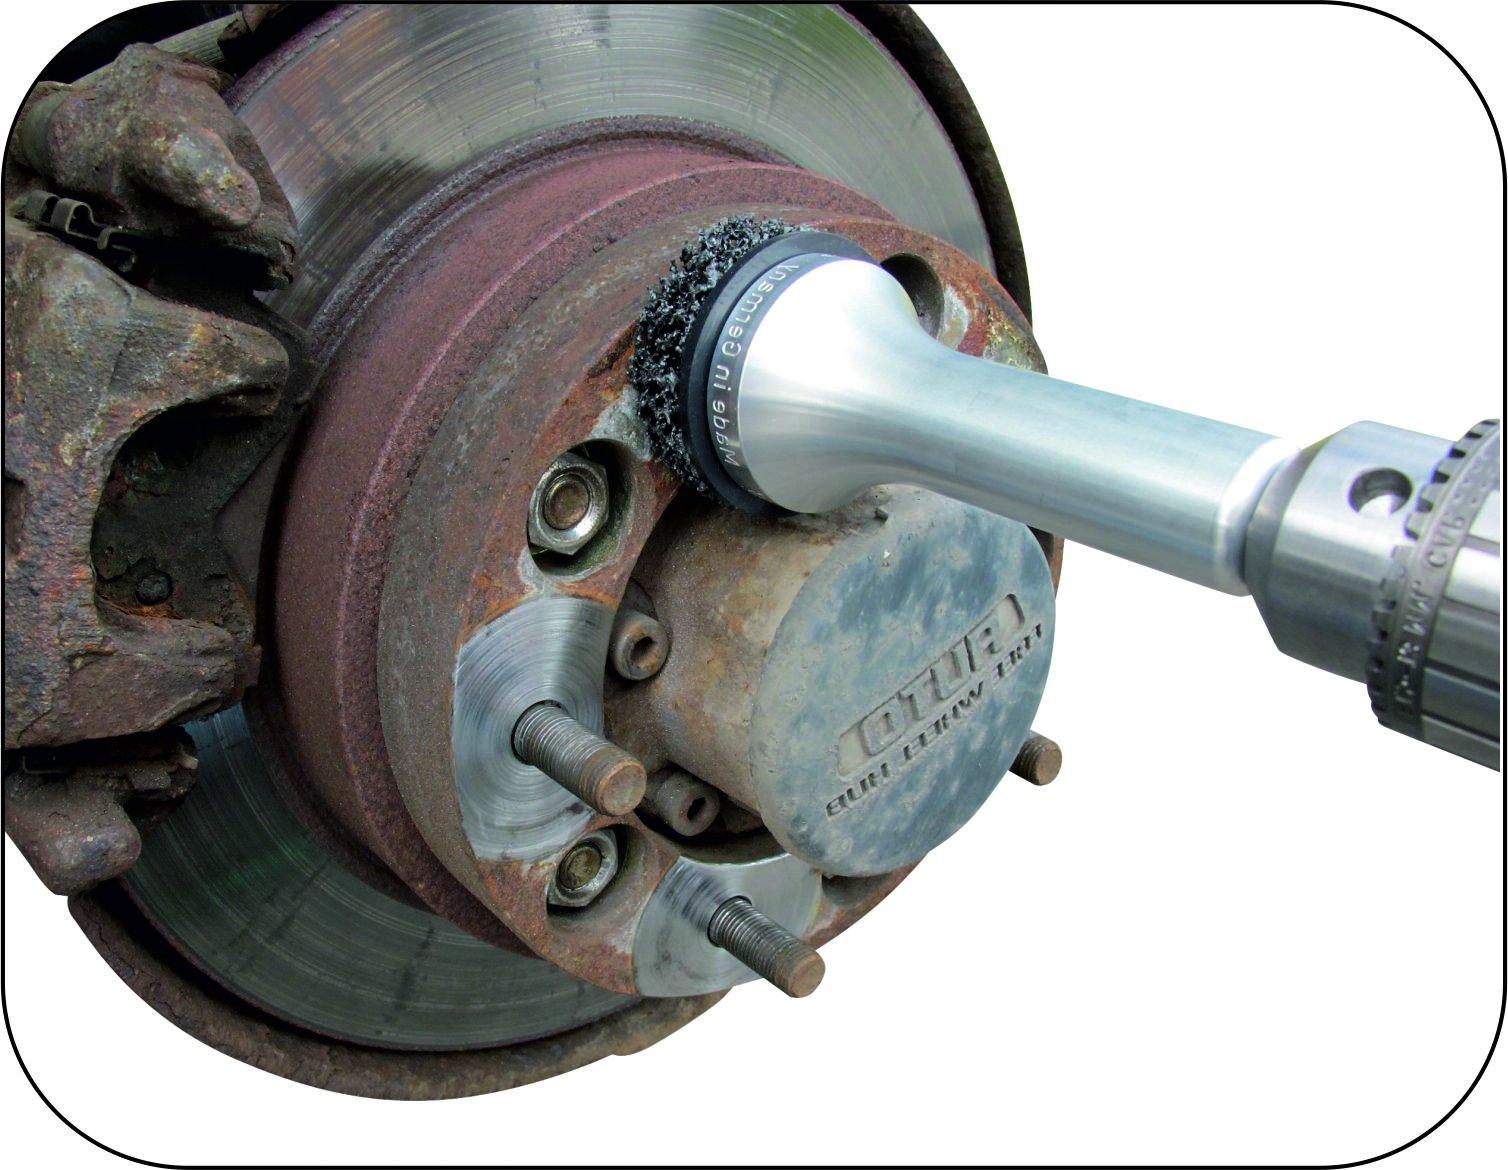 Mueller-Kueps 433 618 Aluminum Type 2 Wheel Hub Grinder by Mueller-Kueps (Image #1)